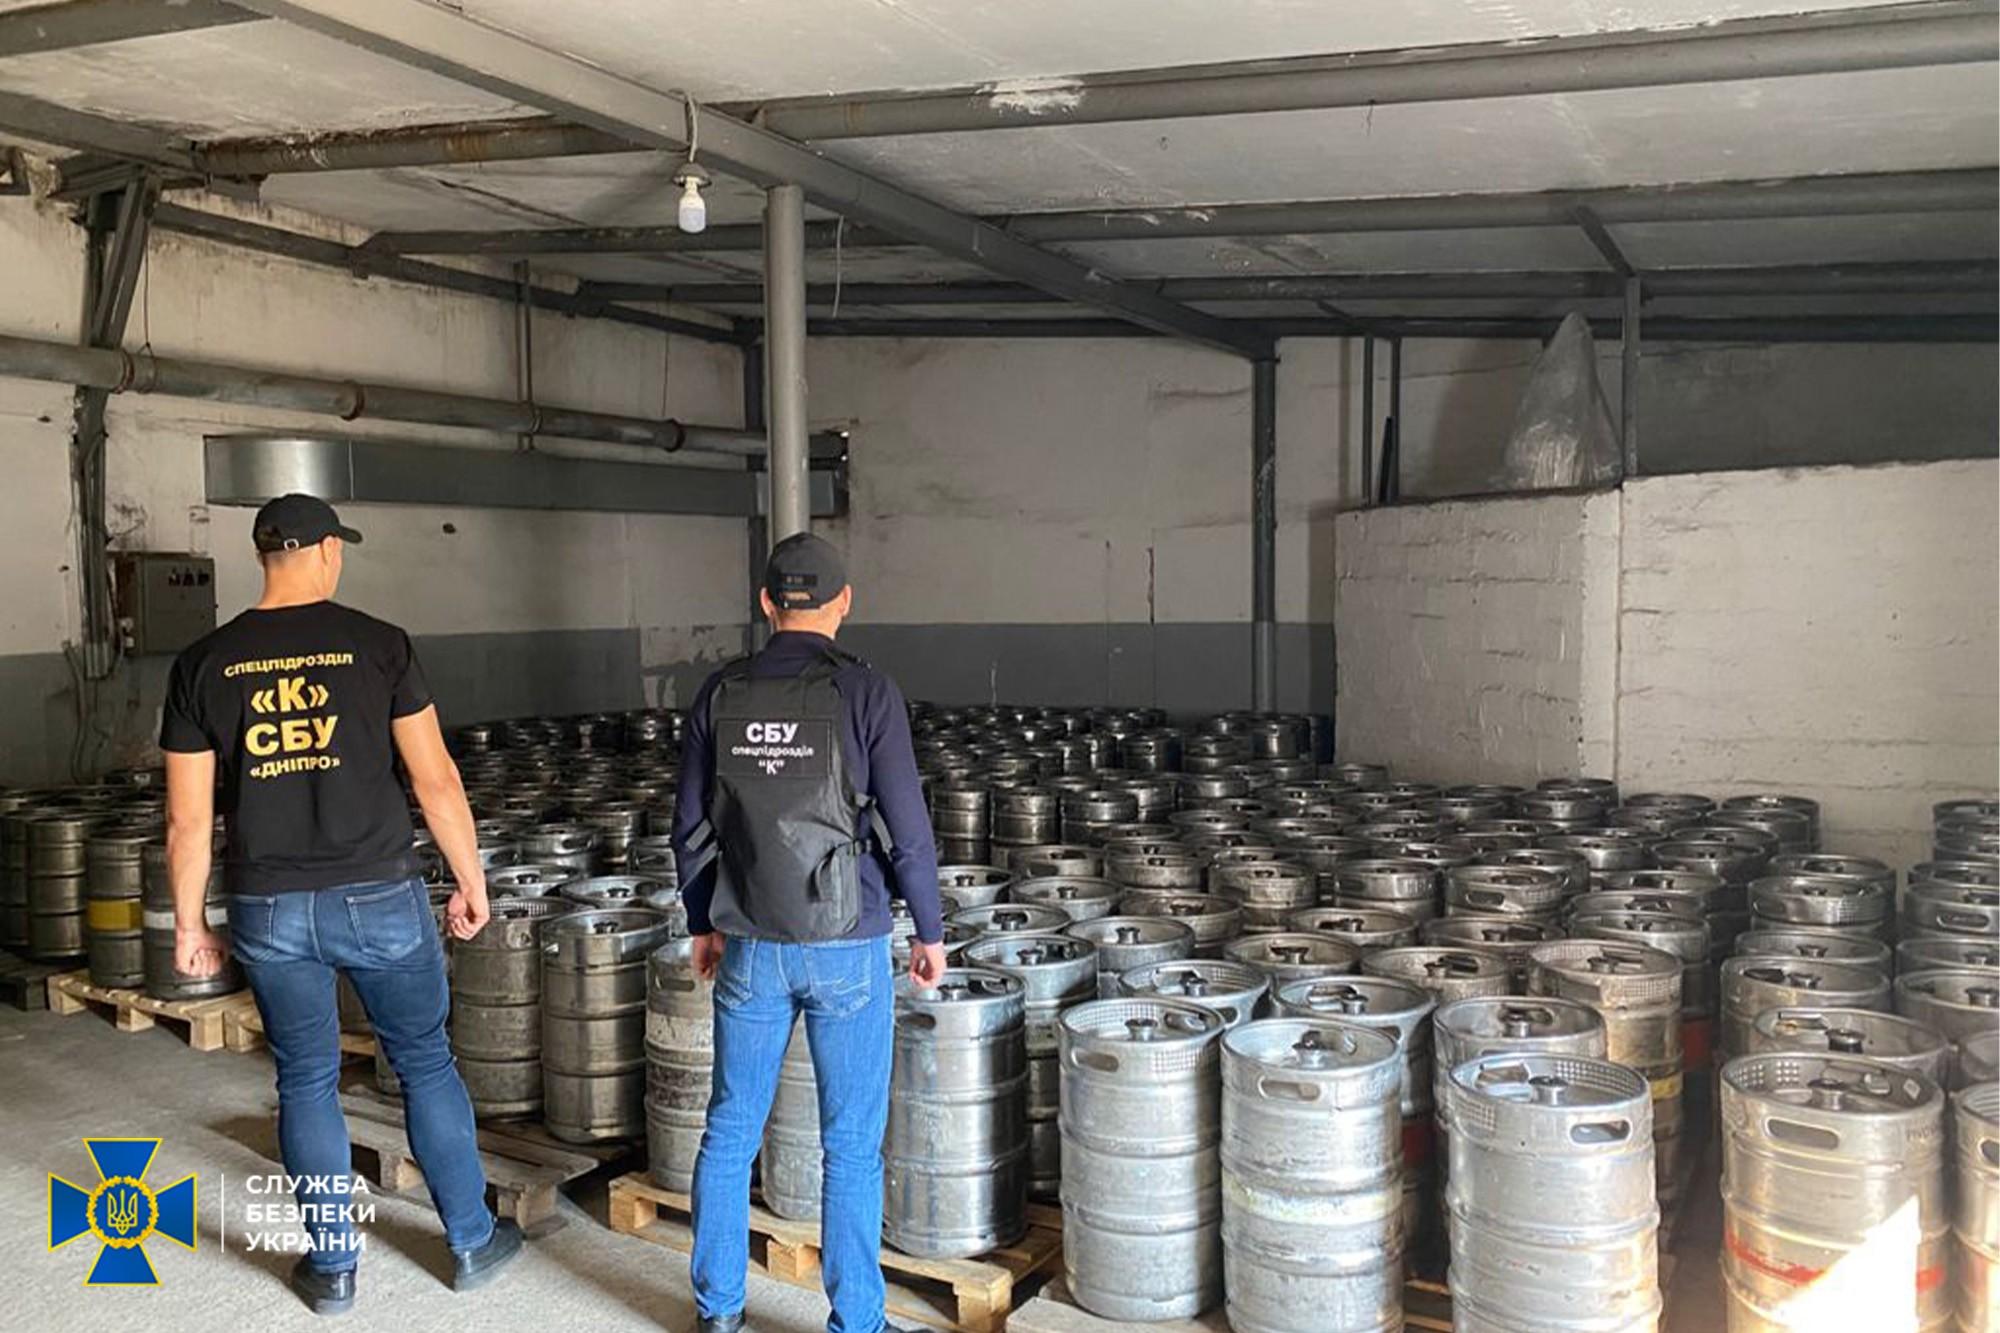 В Харькове сбывали фальсифицированный алкоголь (видео)